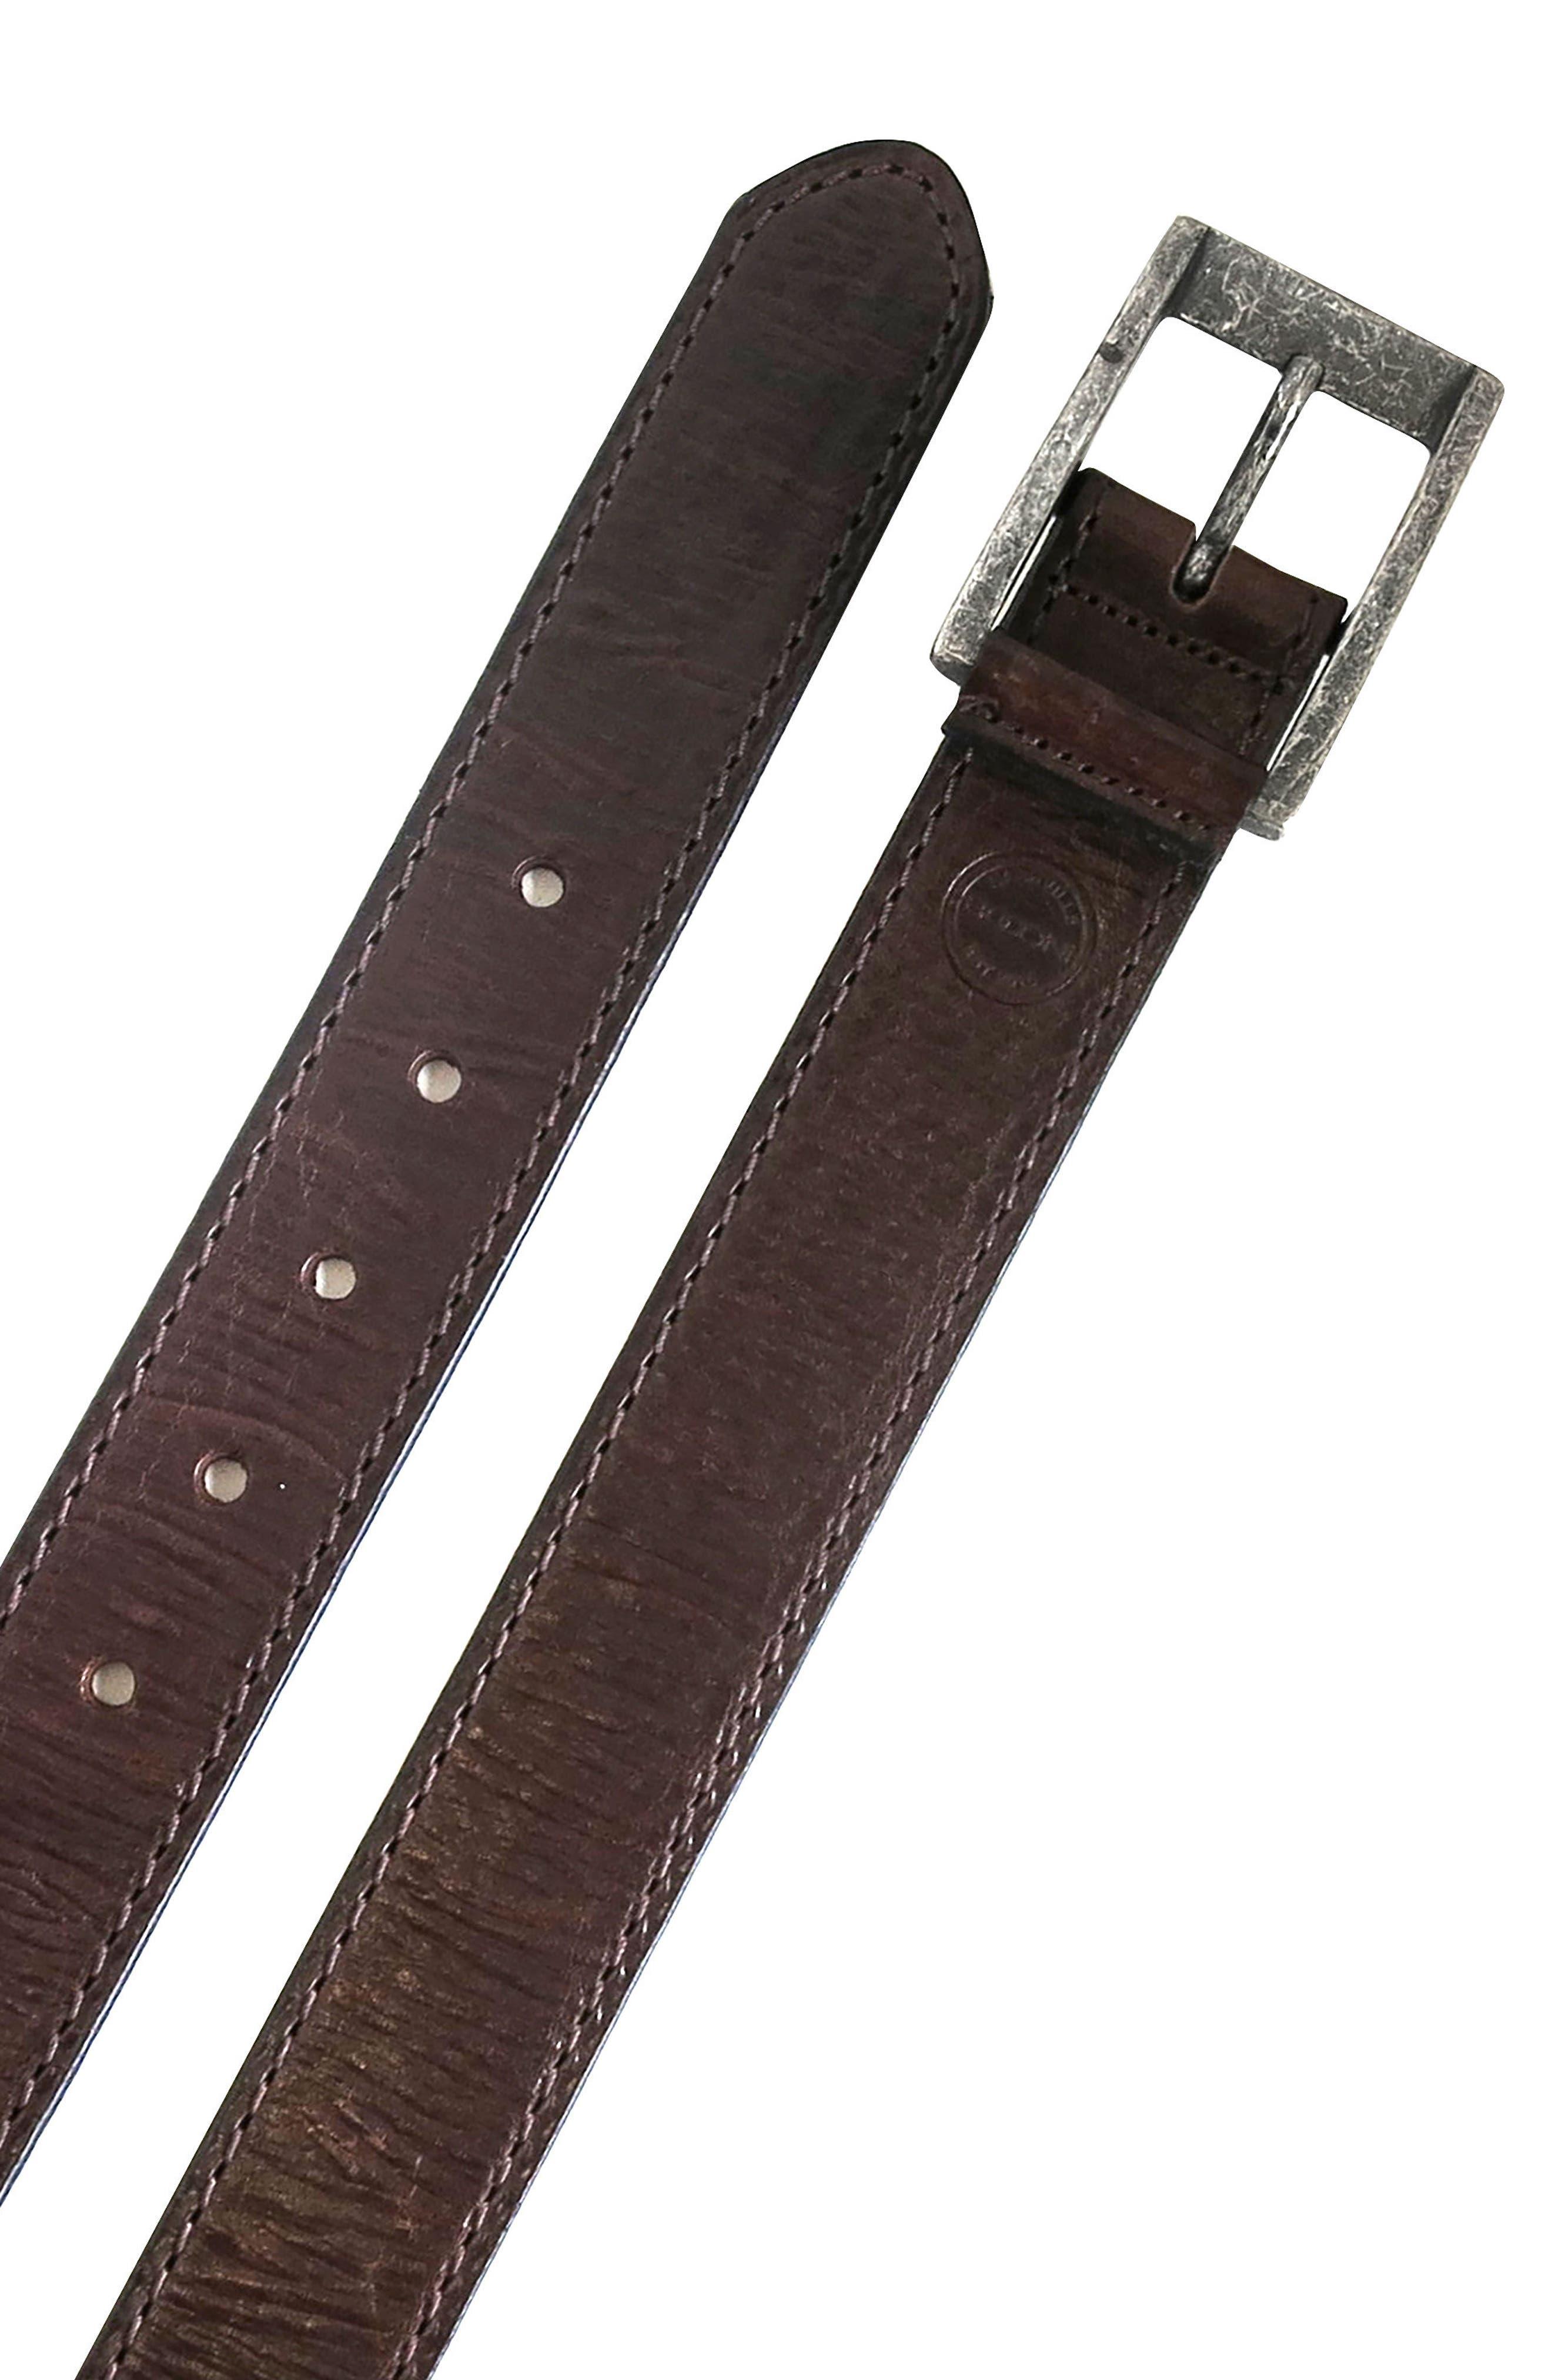 Burnished Calfskin Leather Belt,                             Alternate thumbnail 4, color,                             Chestnut